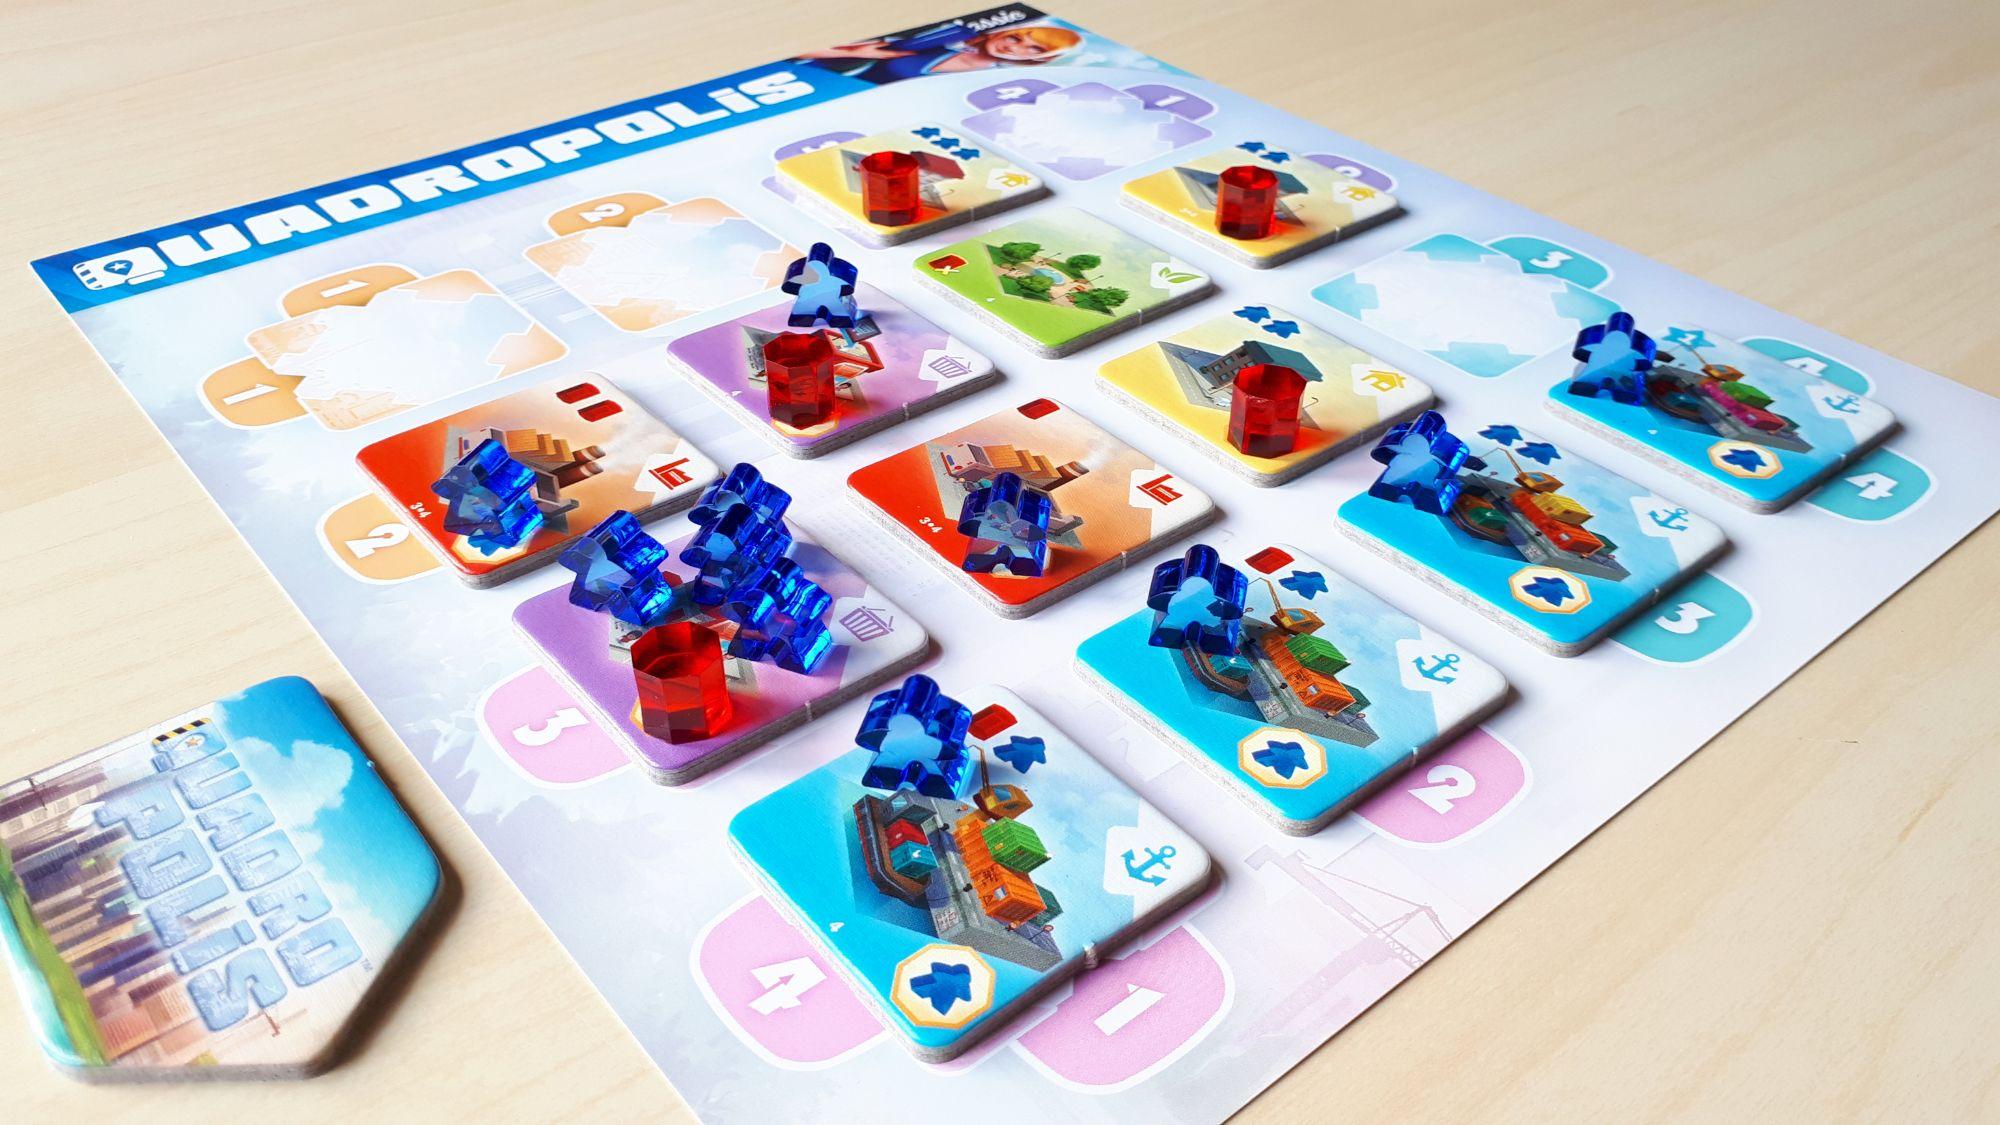 Quadropolis Boardgame